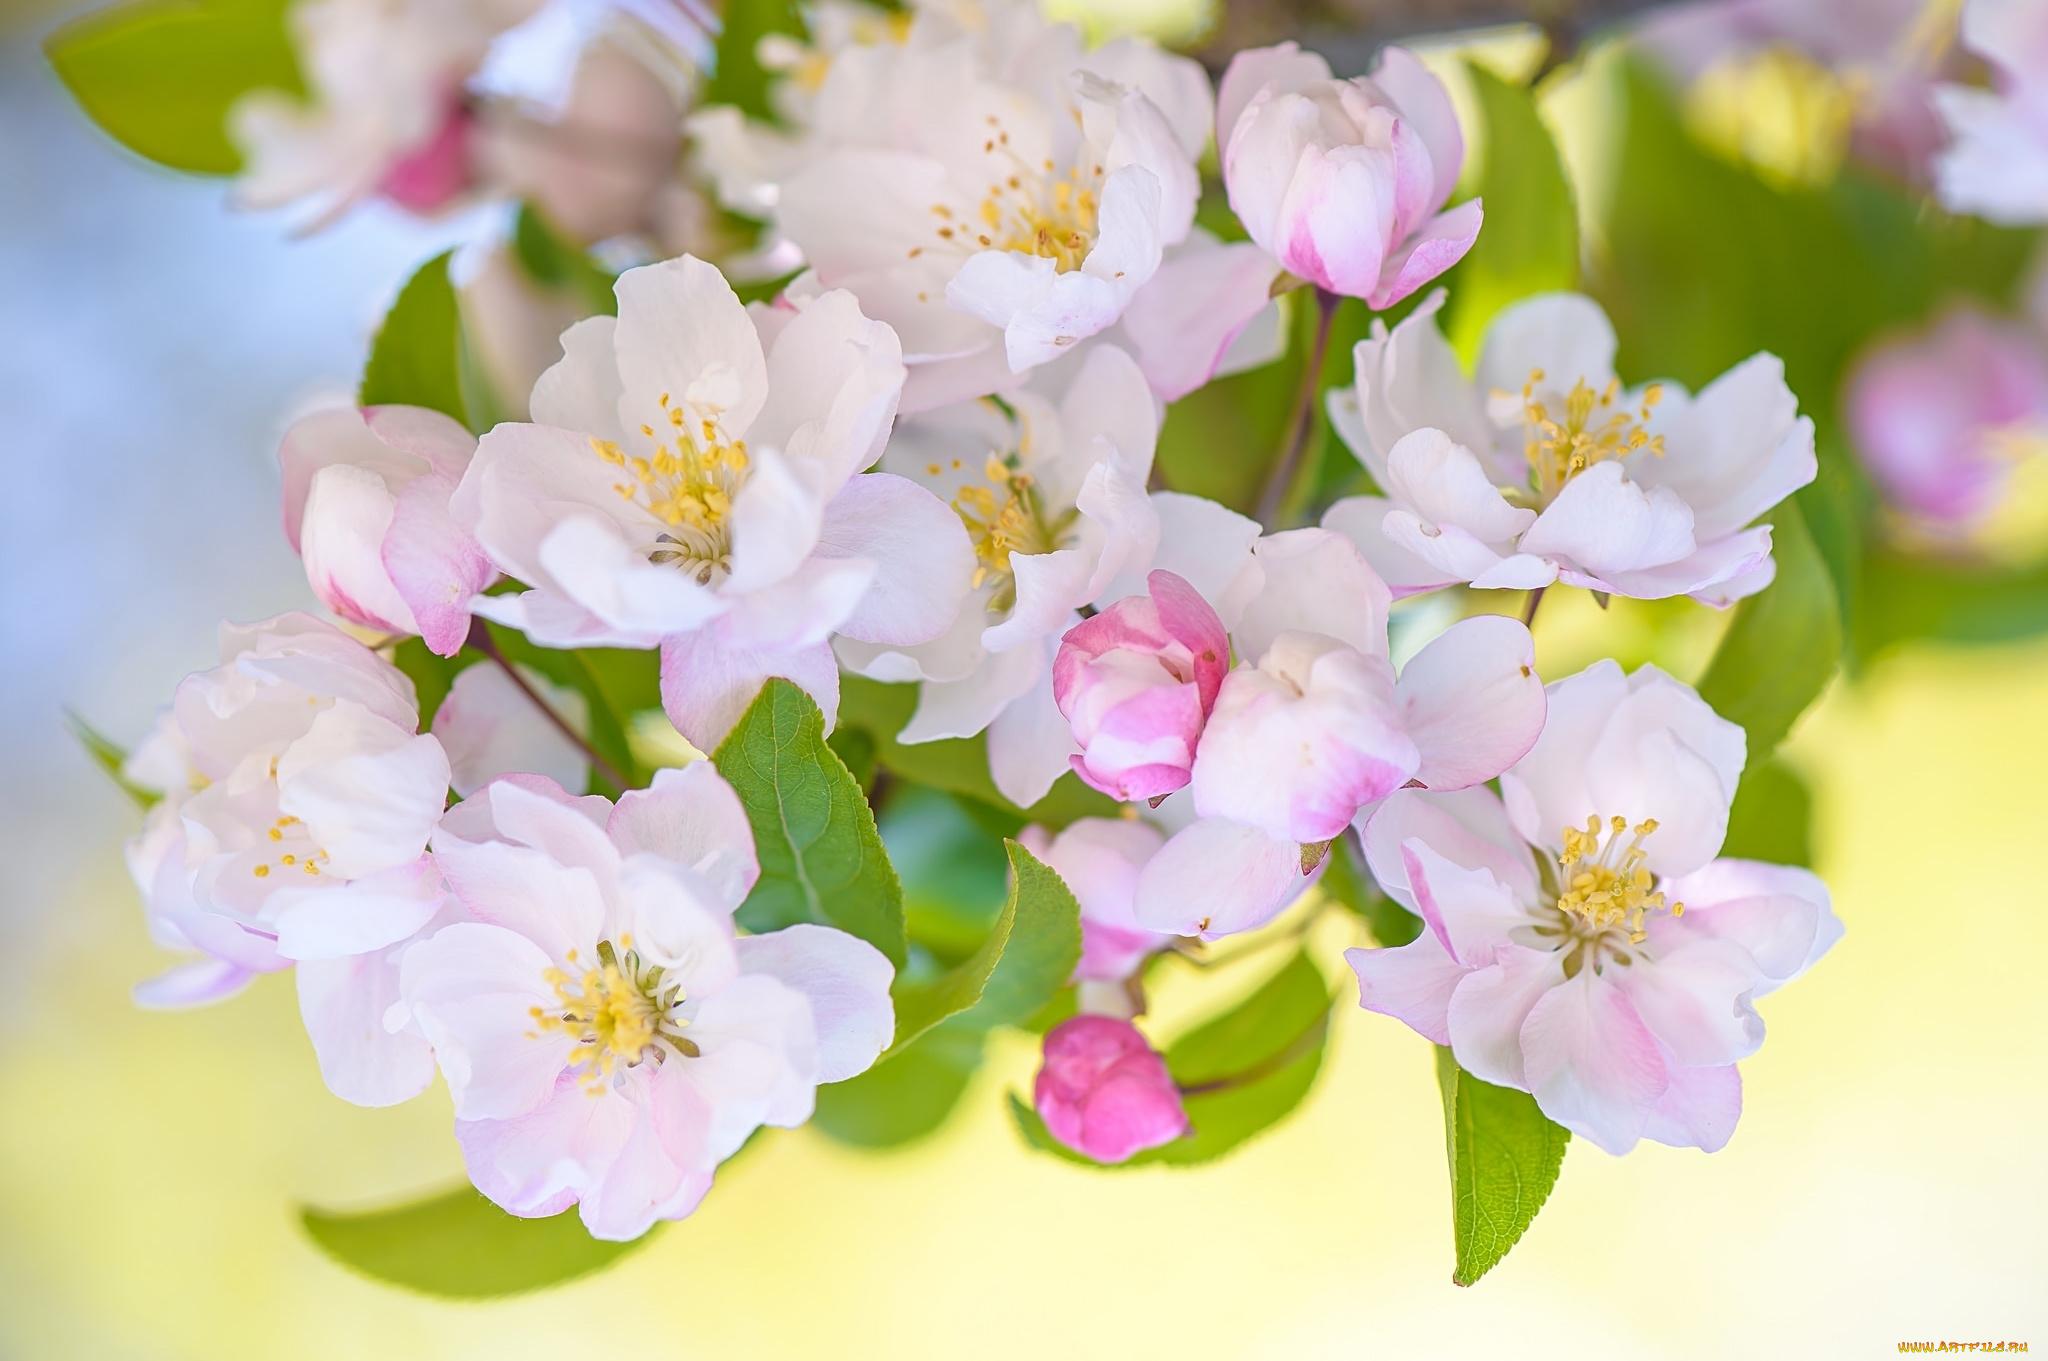 Днем рождения, картинка с яблоневым цветом